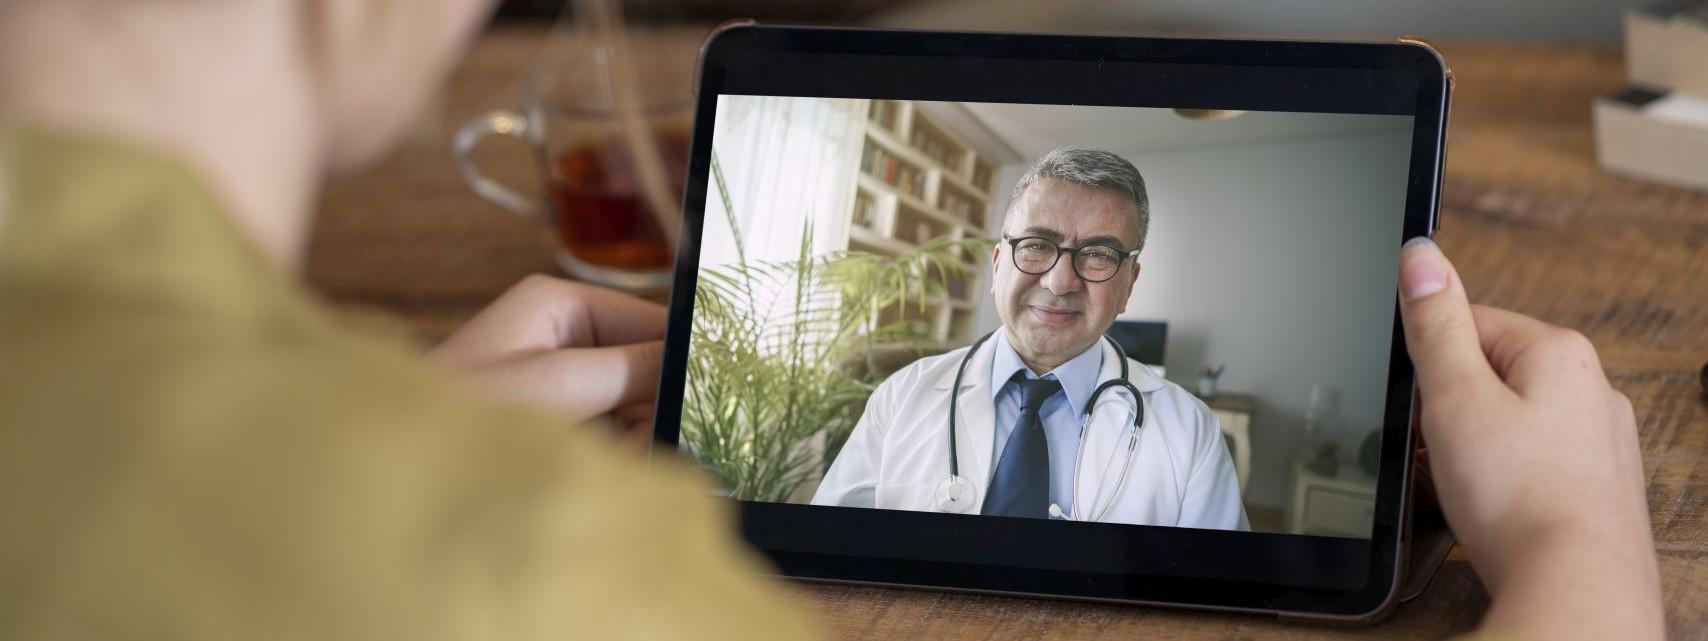 Eine Frau hält ein Tablet in der Hand. Auf dem Bildschirm ist ein Arzt zu sehen, der die Frau berät.